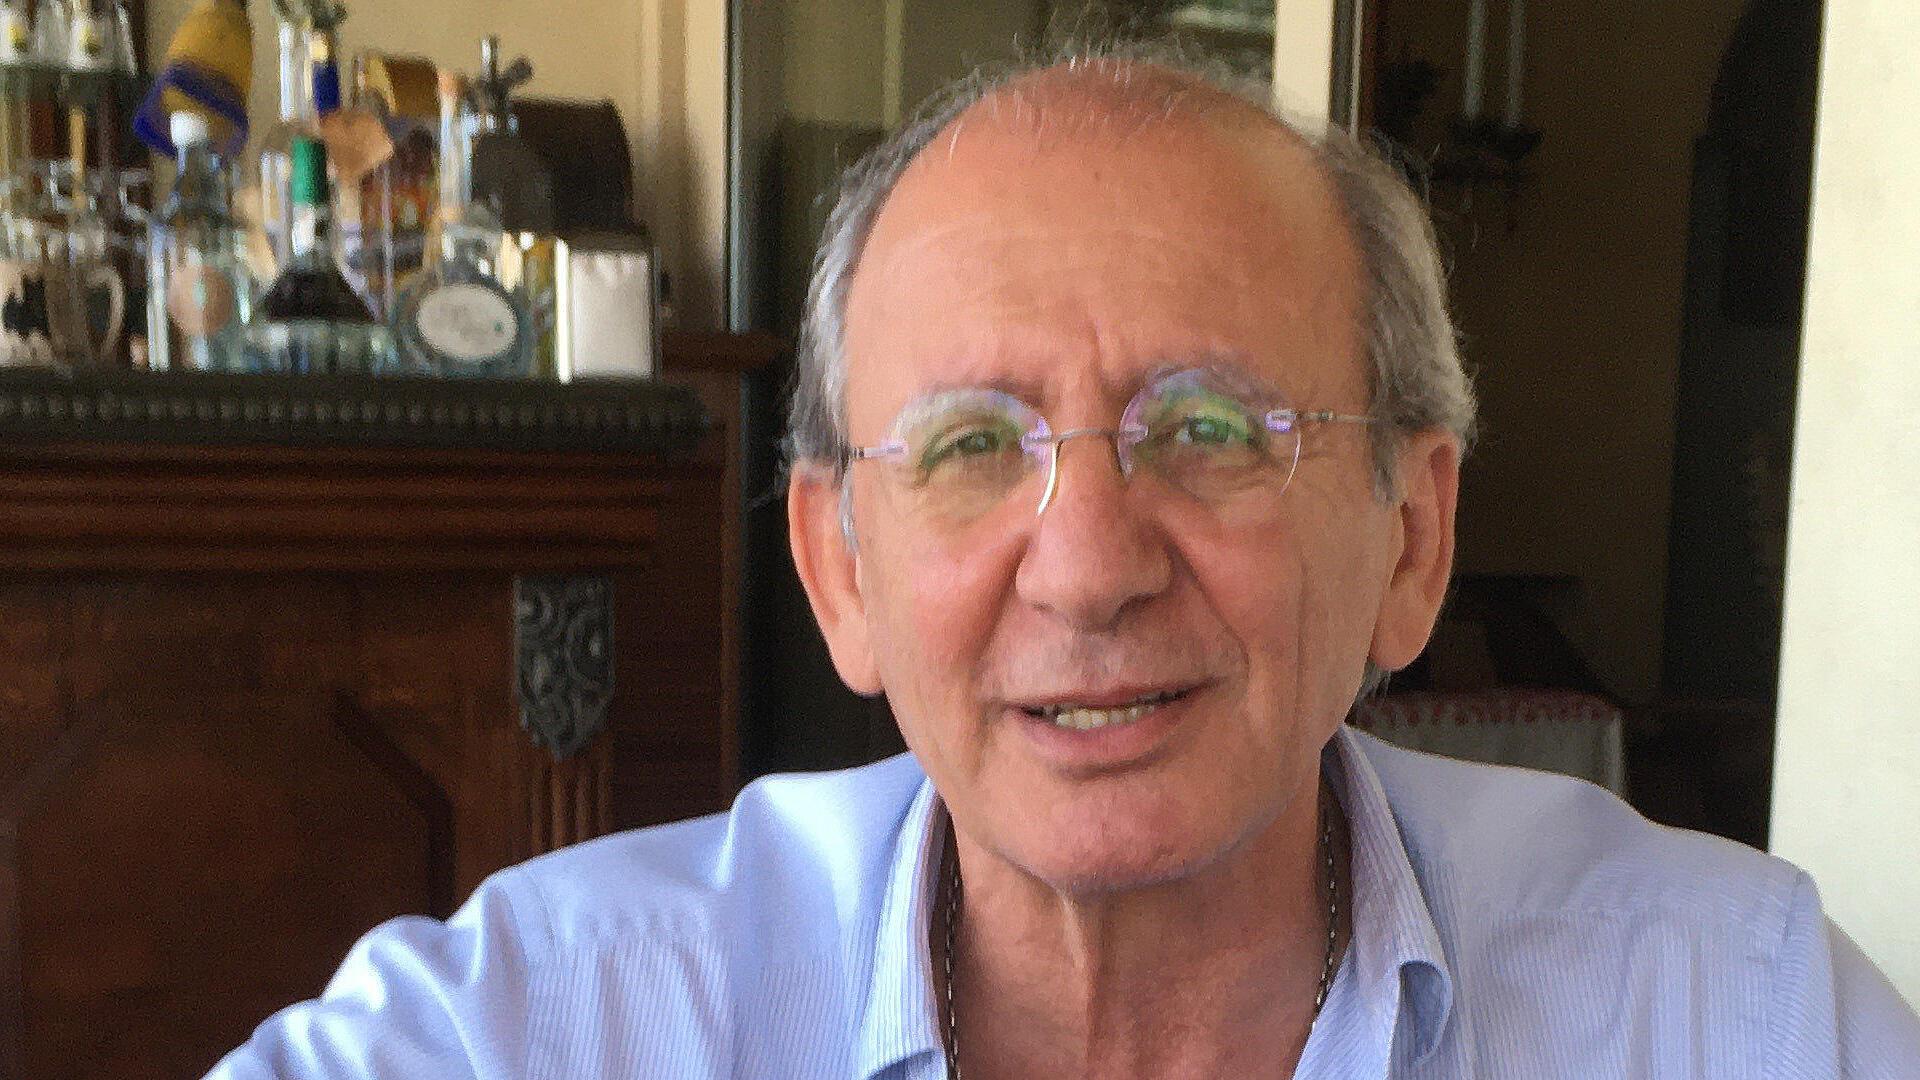 Liban - Pierre Issa, secrétaire général du parti laïc d'opposition Bloc National_Orient hebdo